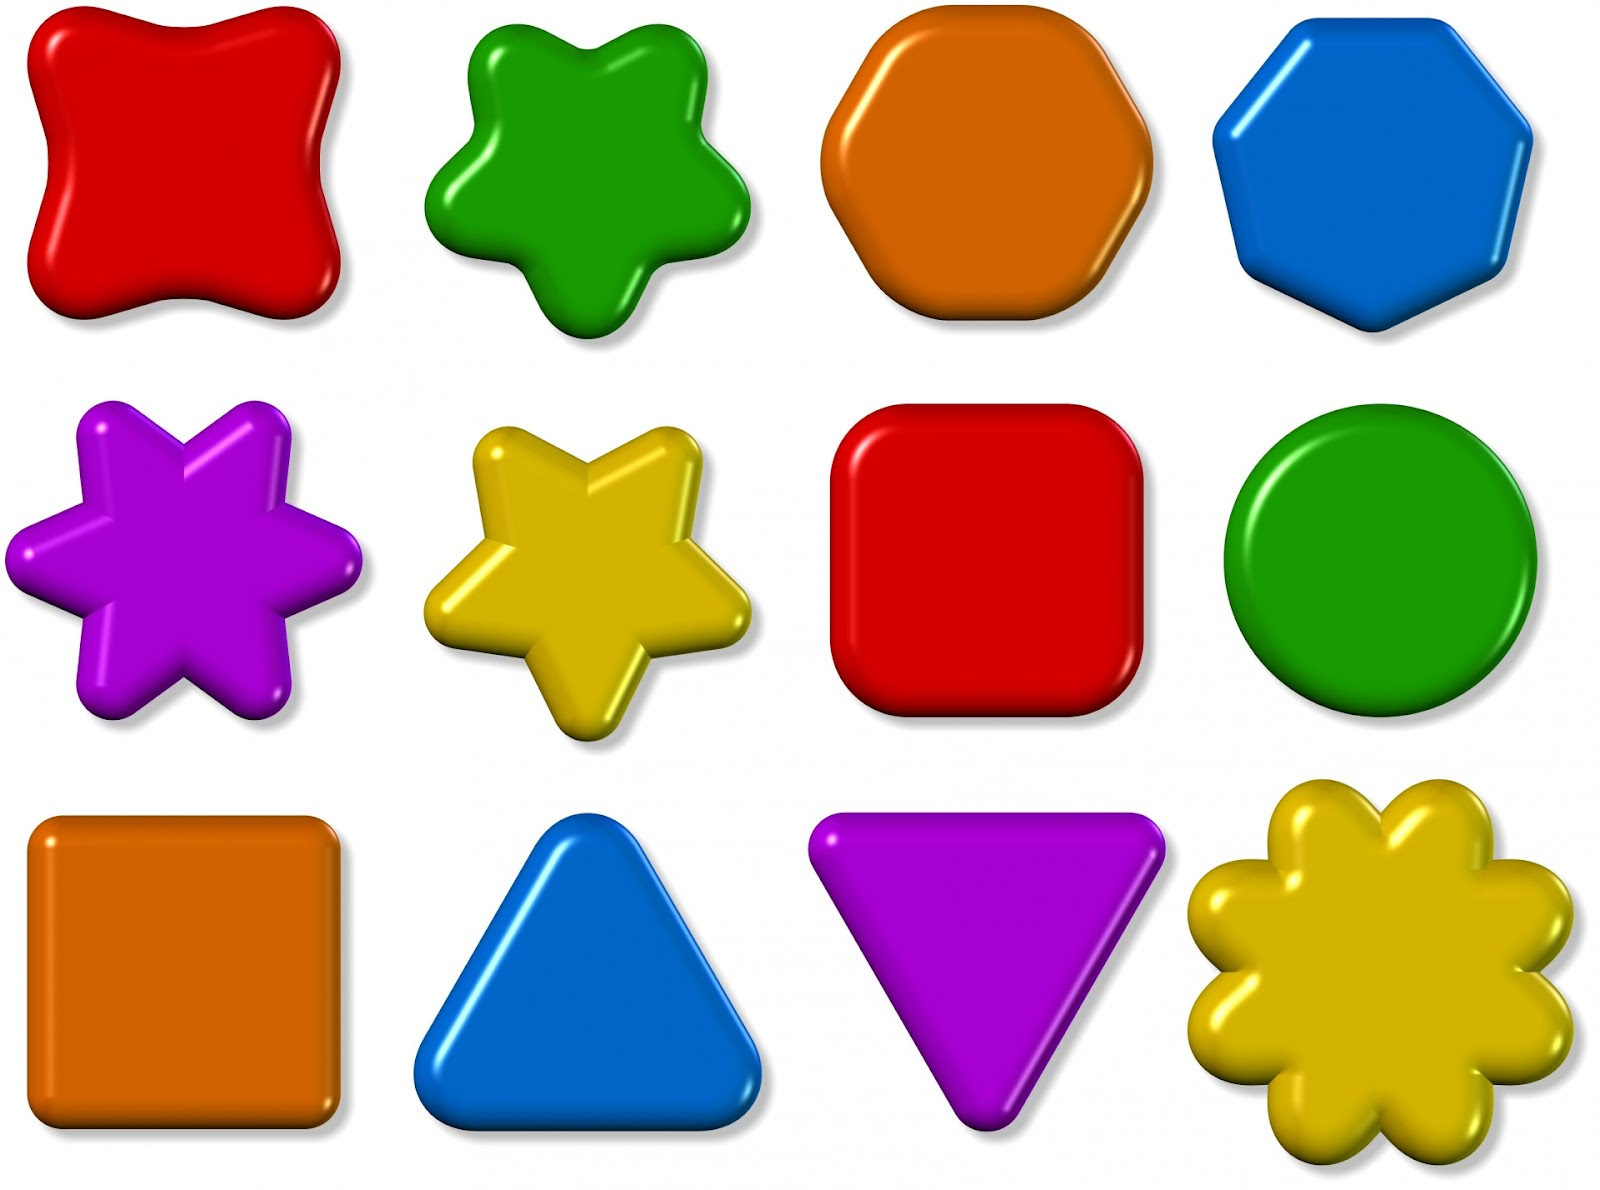 http://www.publicdomainpictures.net/pictures/80000/velka/3d-shape-icons.jpg